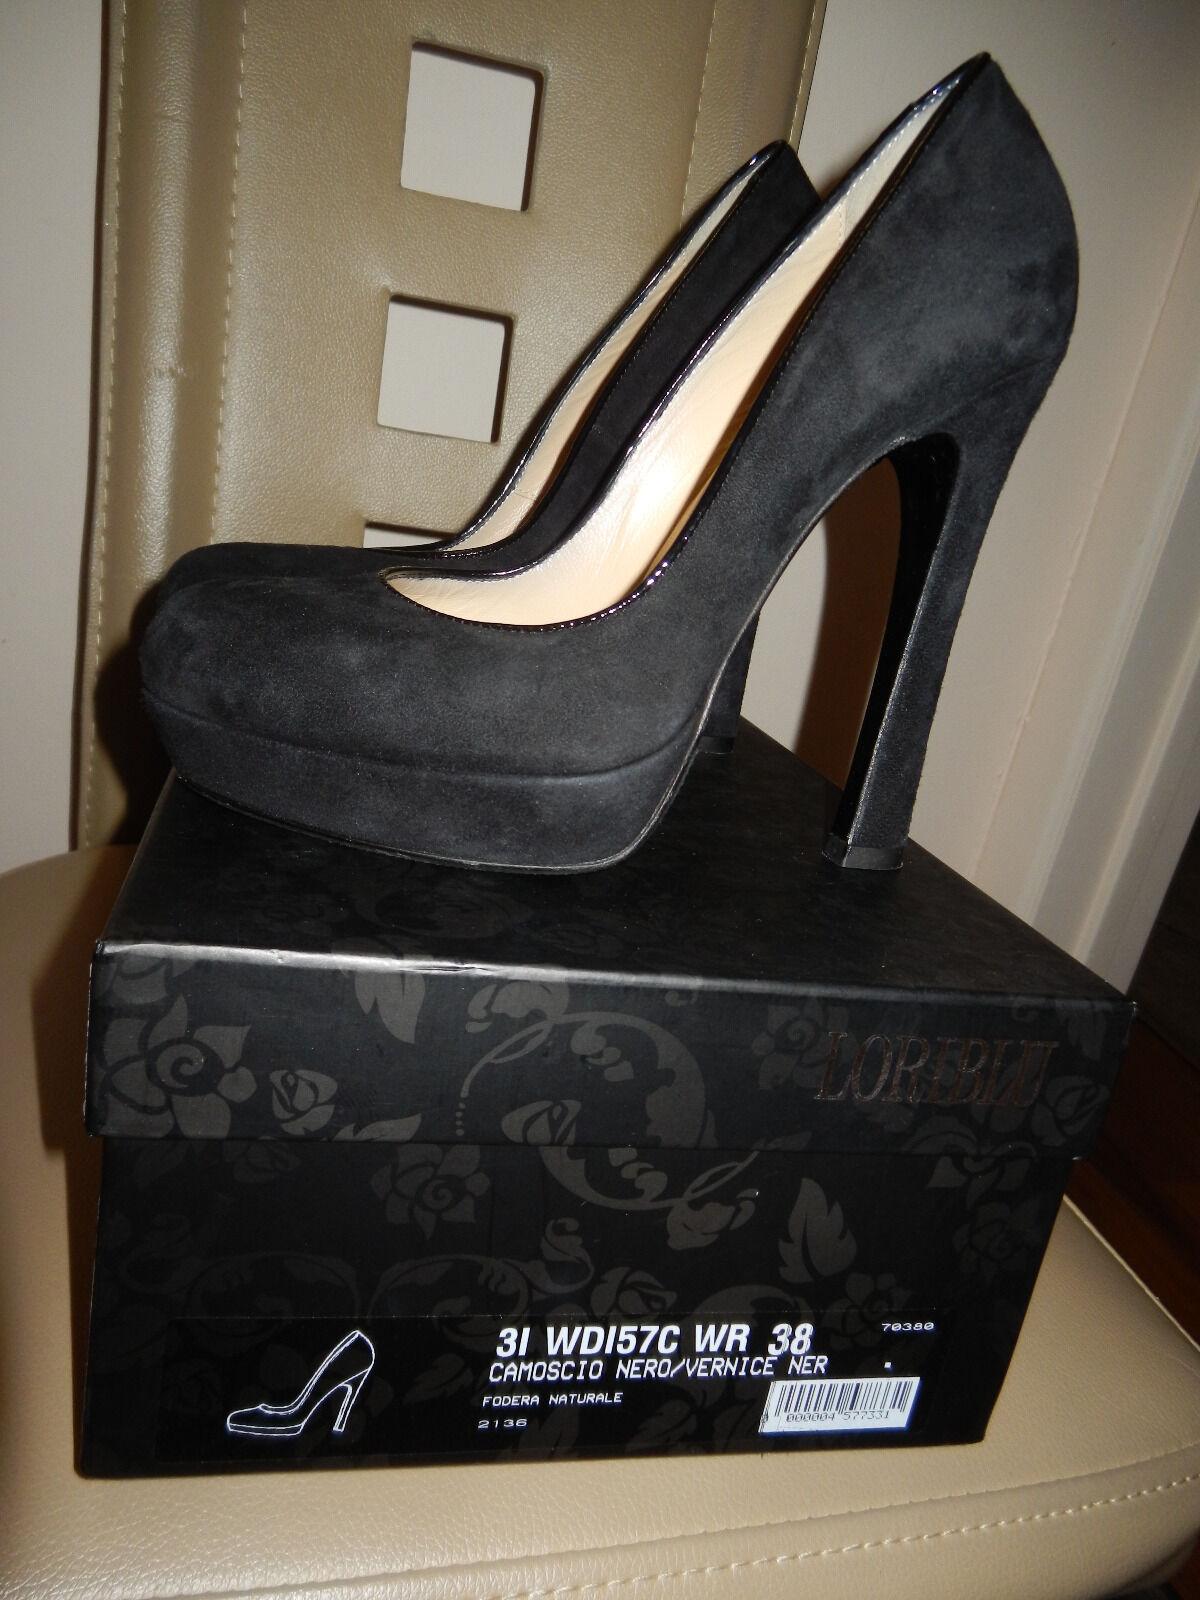 Nuevo en en en caja auténtica bomba loriazul Serraje diseñador italiano zapatos talla 8 Negro  tienda en linea